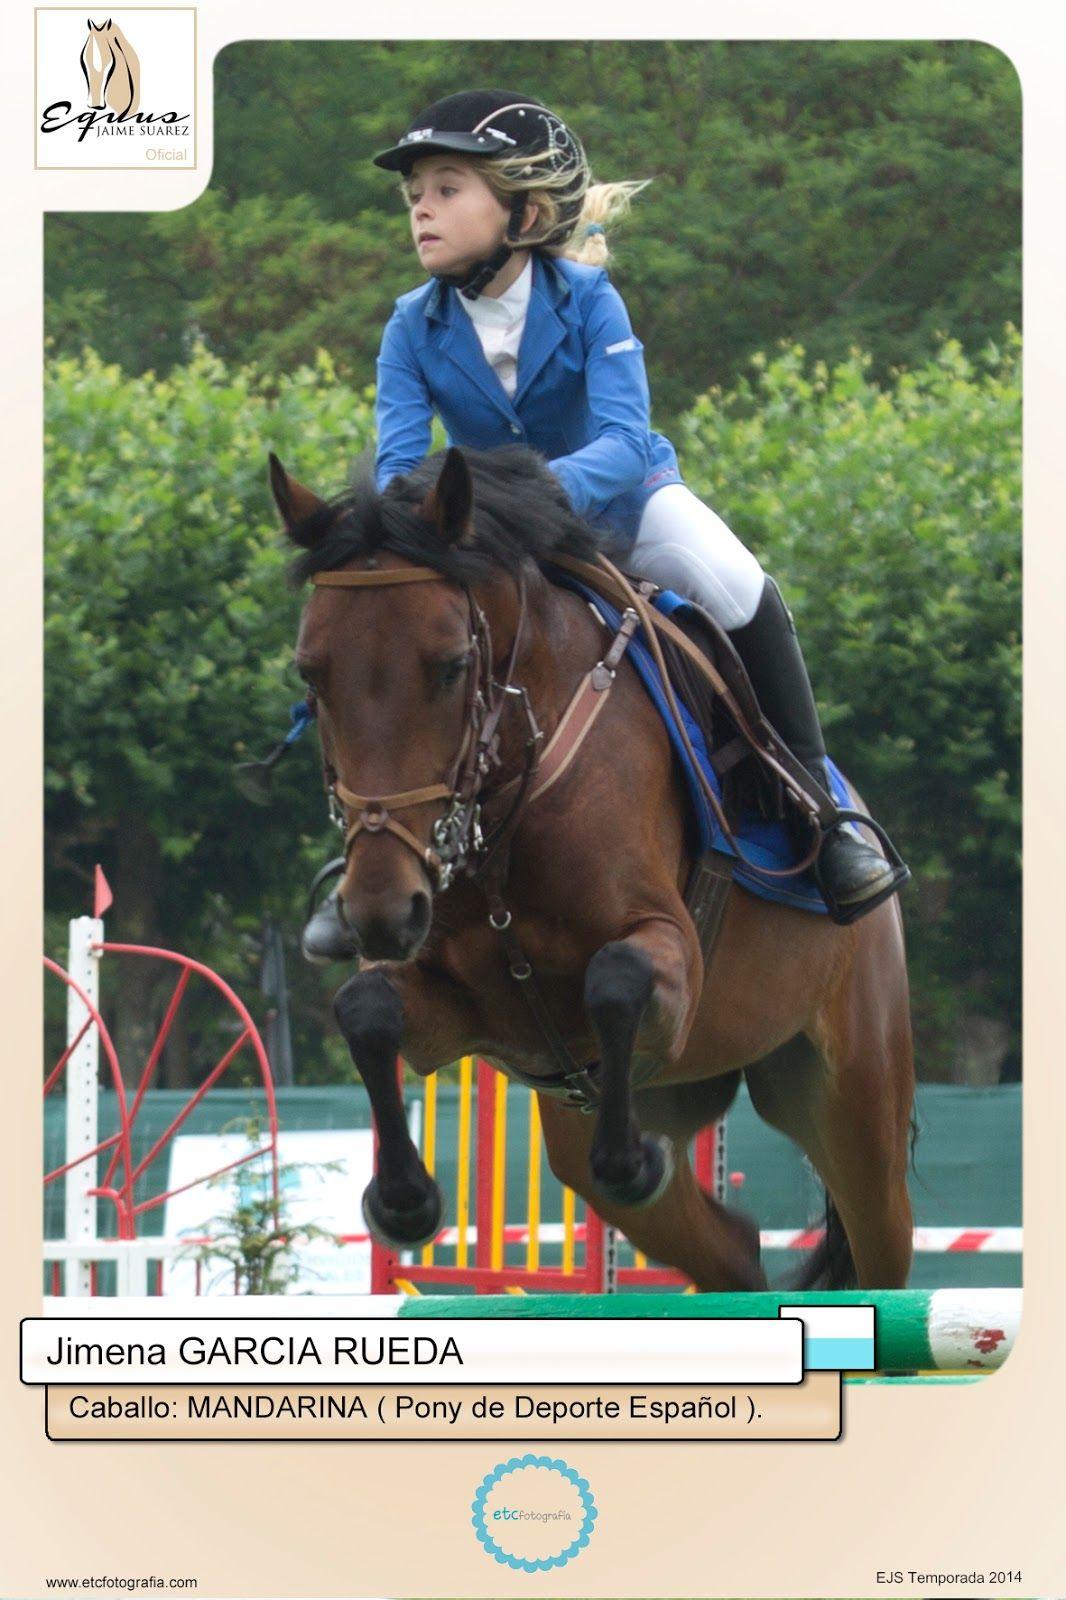 Equus Jaime Suarez : Jimena GARCÍA RUEDA | Jinete y Amazonas 2014/15 ...